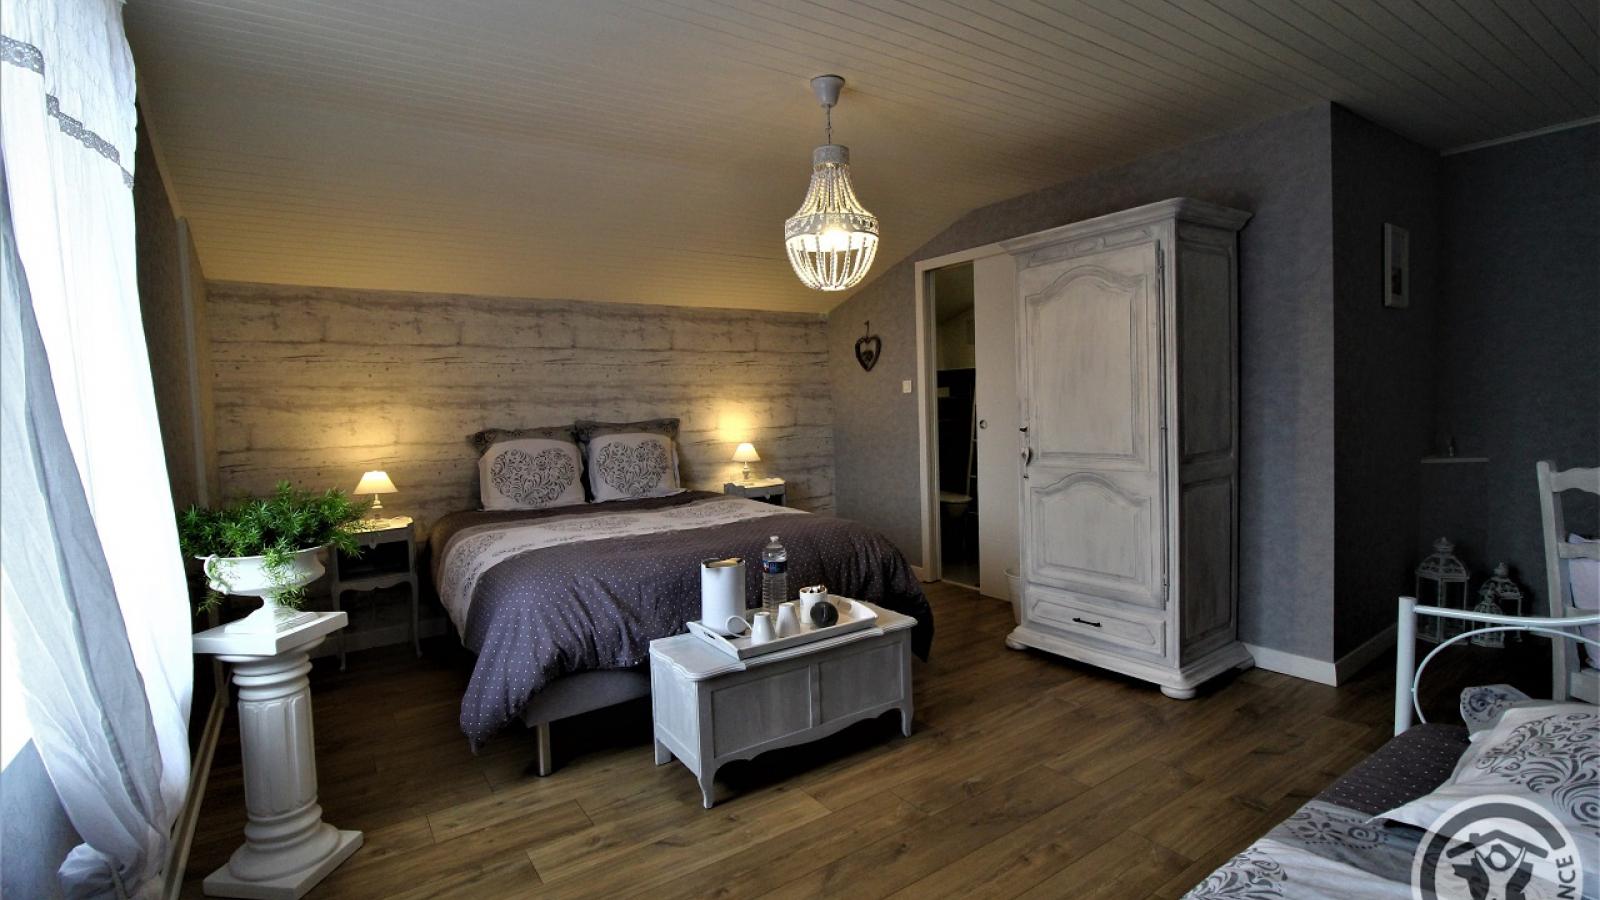 Chambres d'Hôtes 'Au Domaine de Robert' à Fleurie dans le Beaujolais - Rhône : Chambre d'Hôtes 'Houillette' pour 3 personnes.